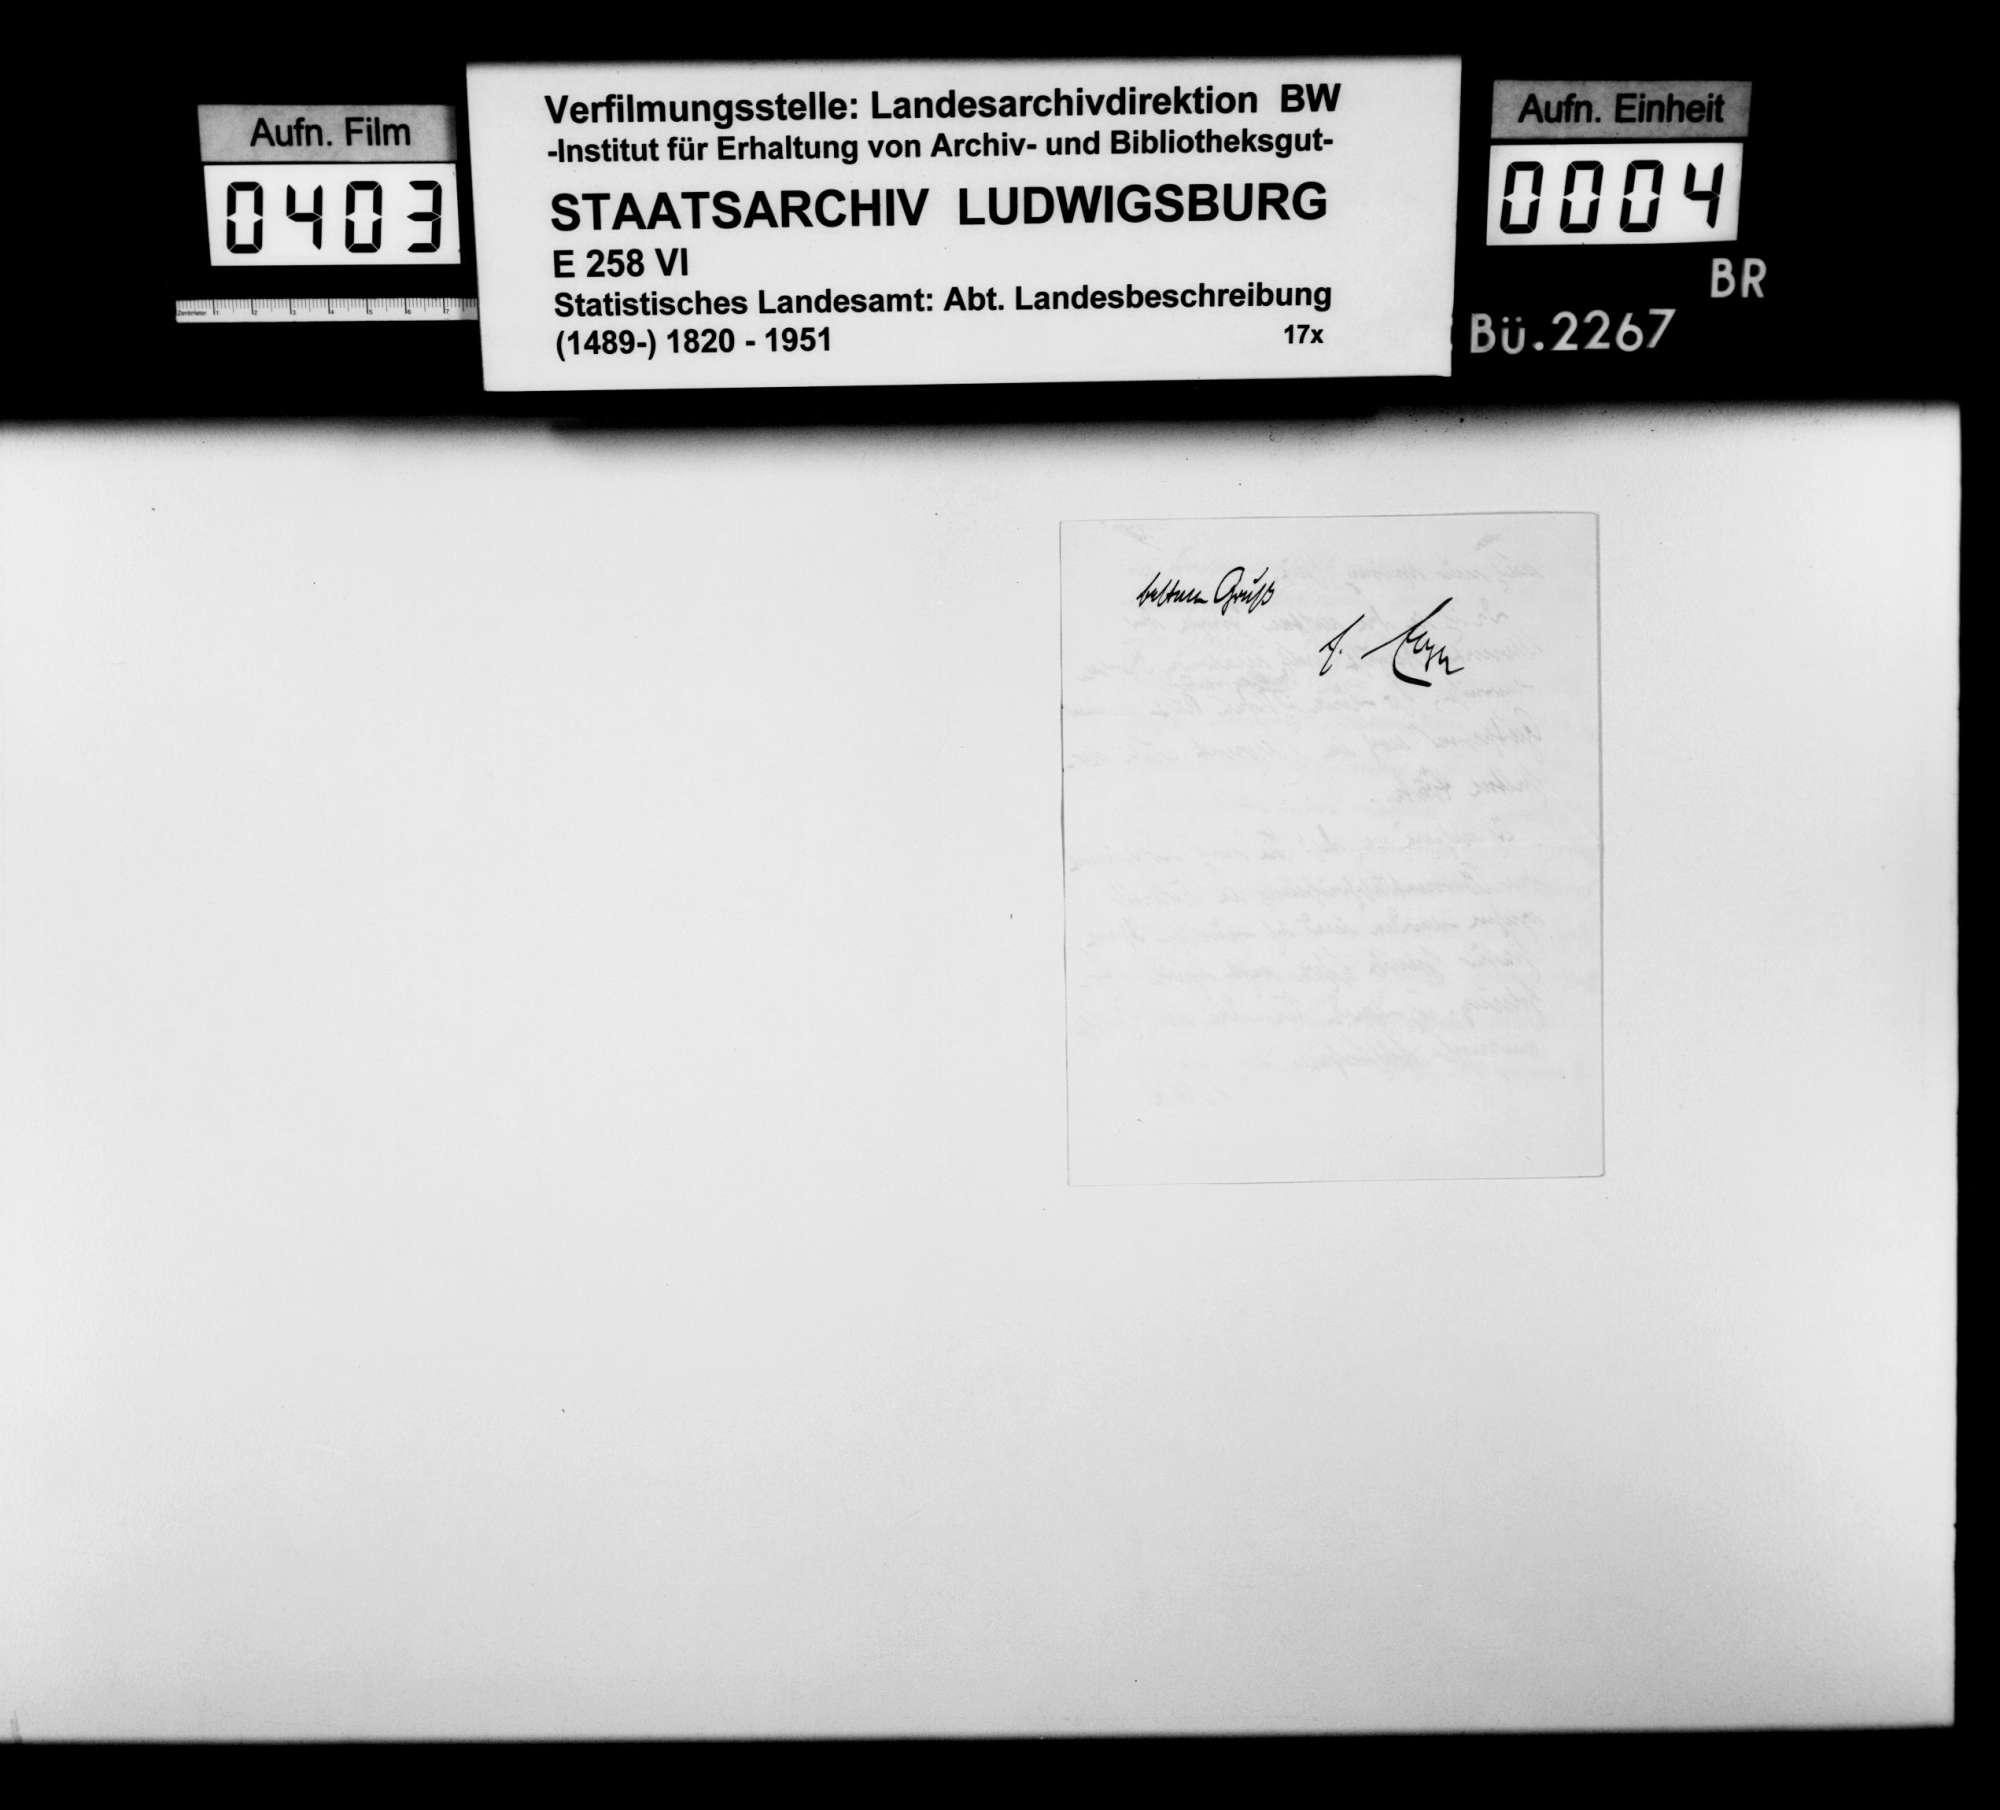 Druckvorlagen und Probedrucke der Abbildungen (Fotos und Zeichnungen) für die Neubearbeitung der OAB 1930, Bild 3